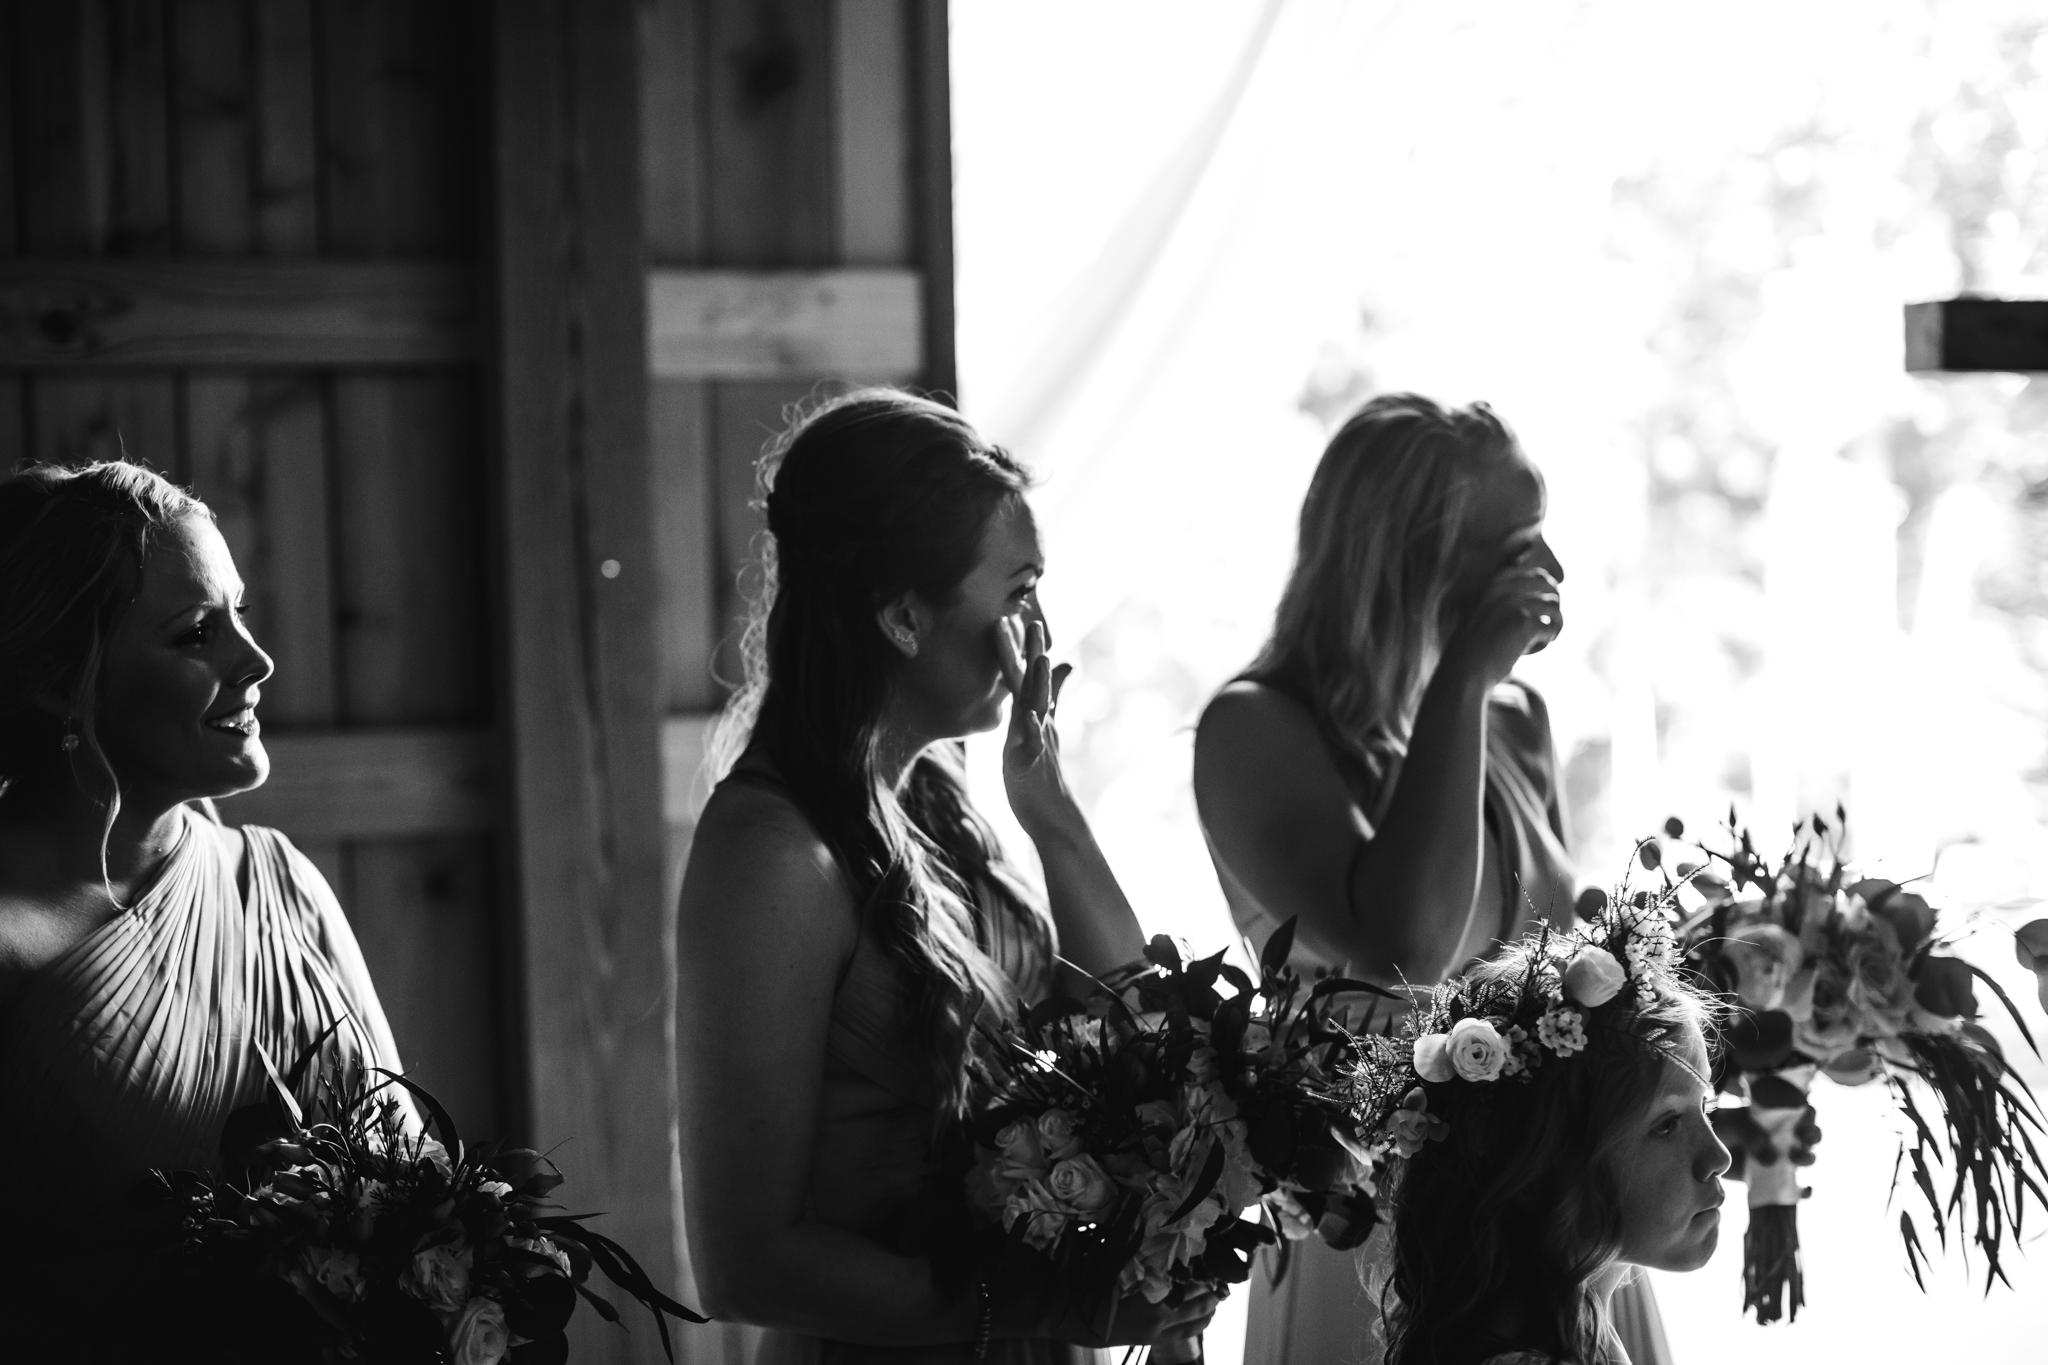 saddlewoodsfarms-nashville-wedding-photographer-thewarmtharoundyou-rustic-wedding (29 of 251).jpg